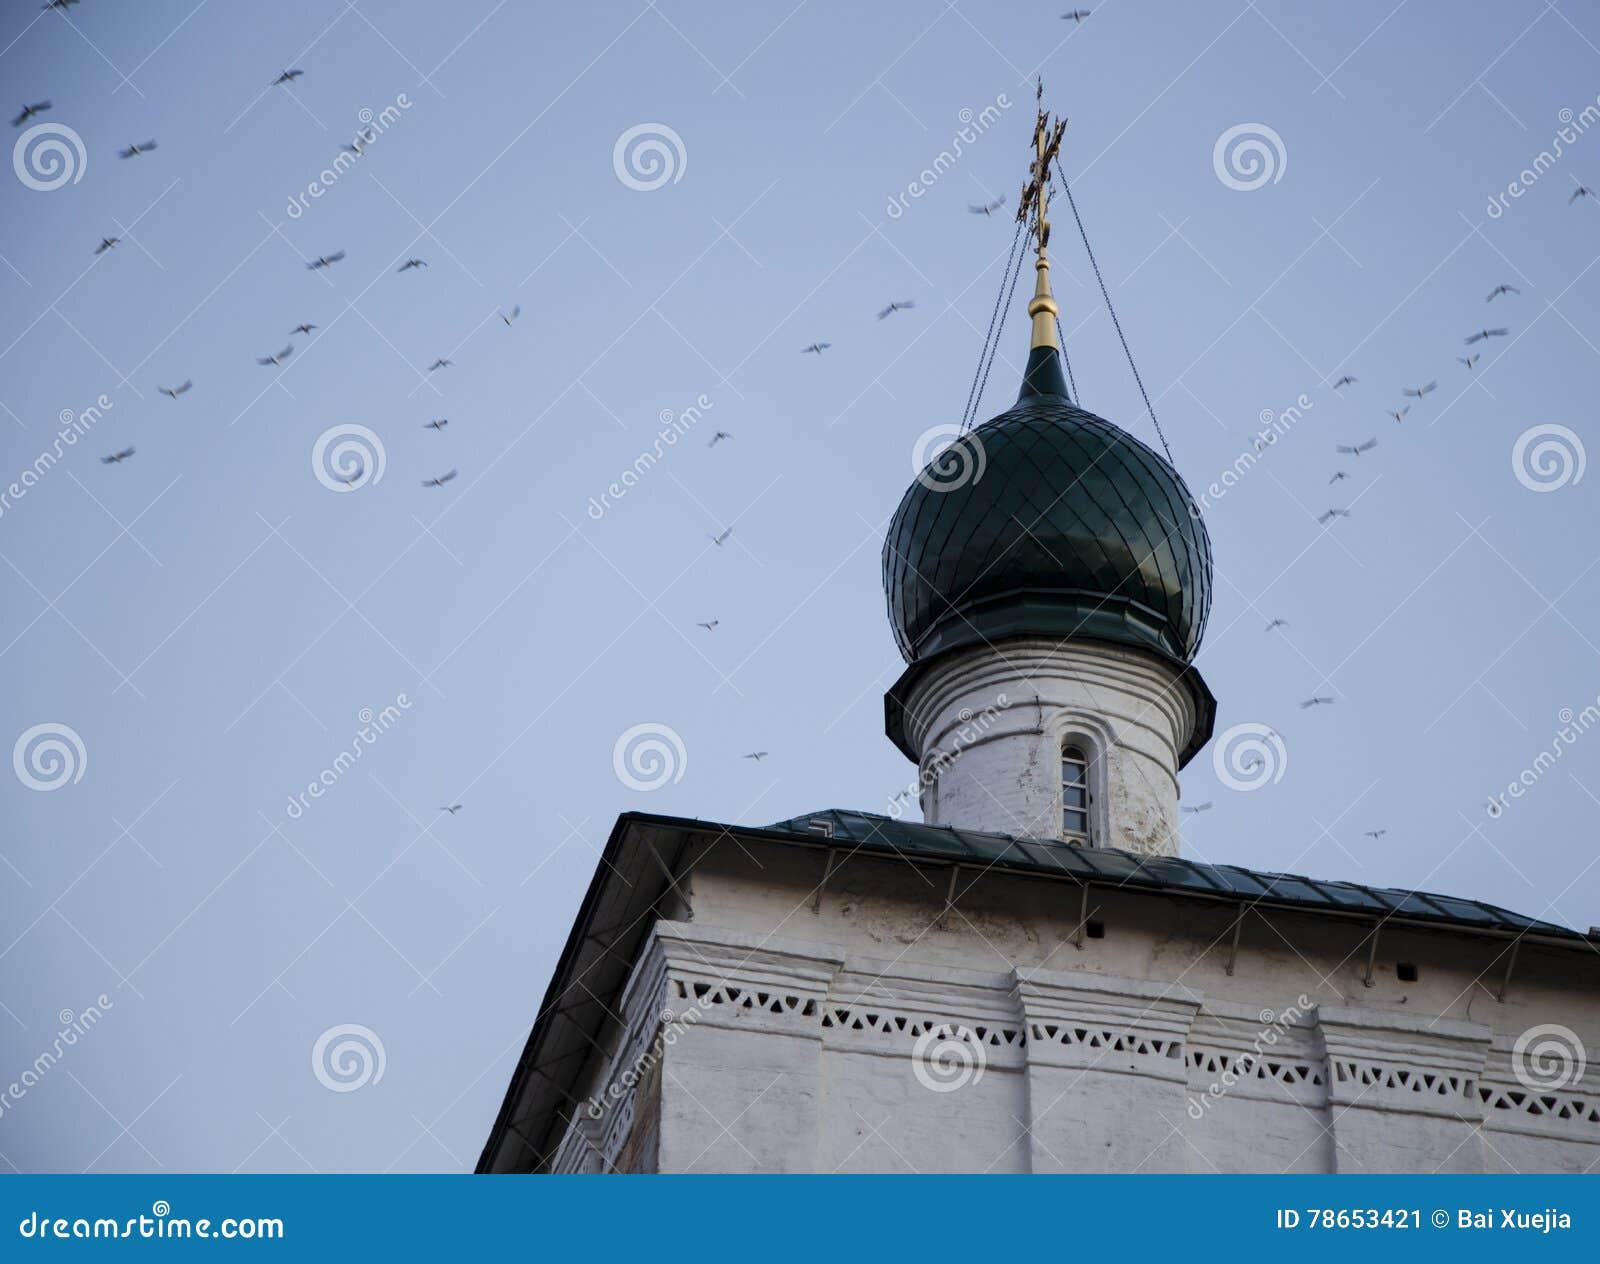 Cathédrale du Christ le sauveur à Irkoutsk, Fédération de Russie